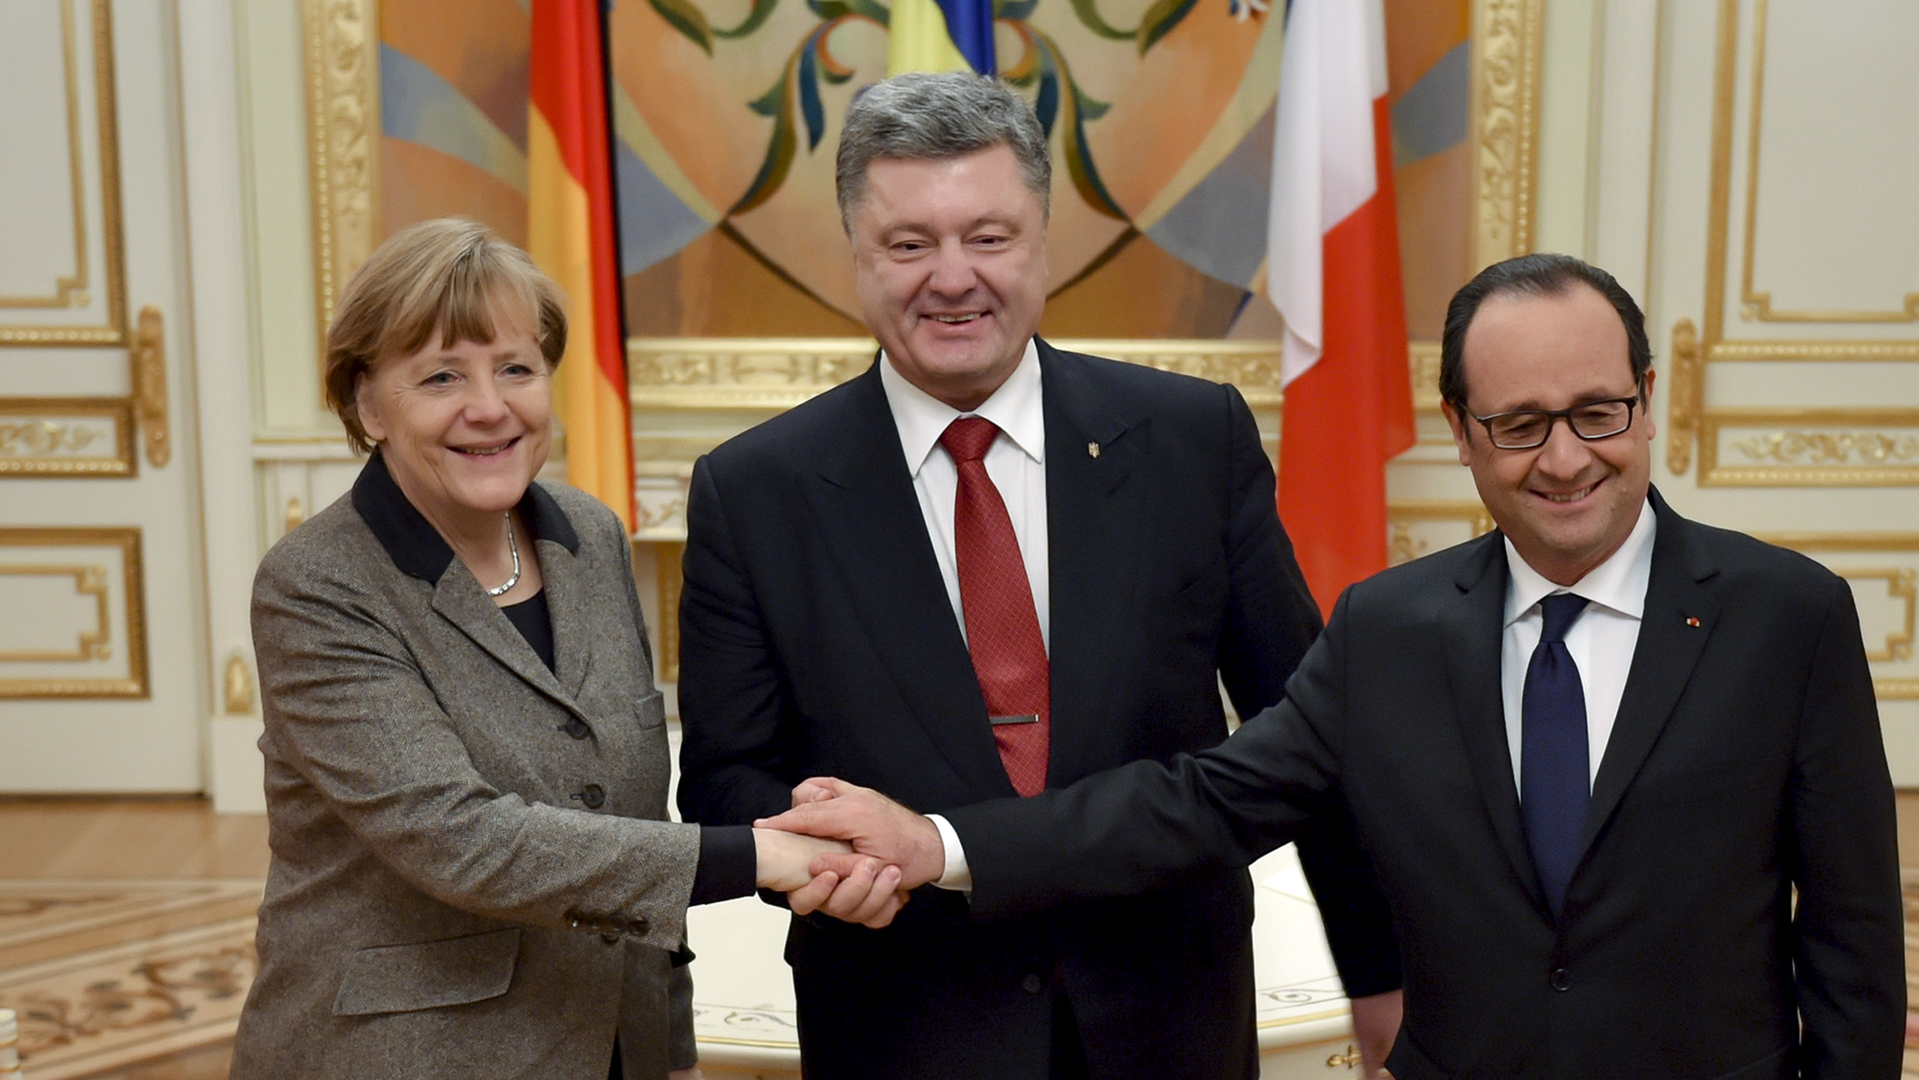 (REUTERS/Ukrainian Presidential Press Service/Mikhail Palinchak)